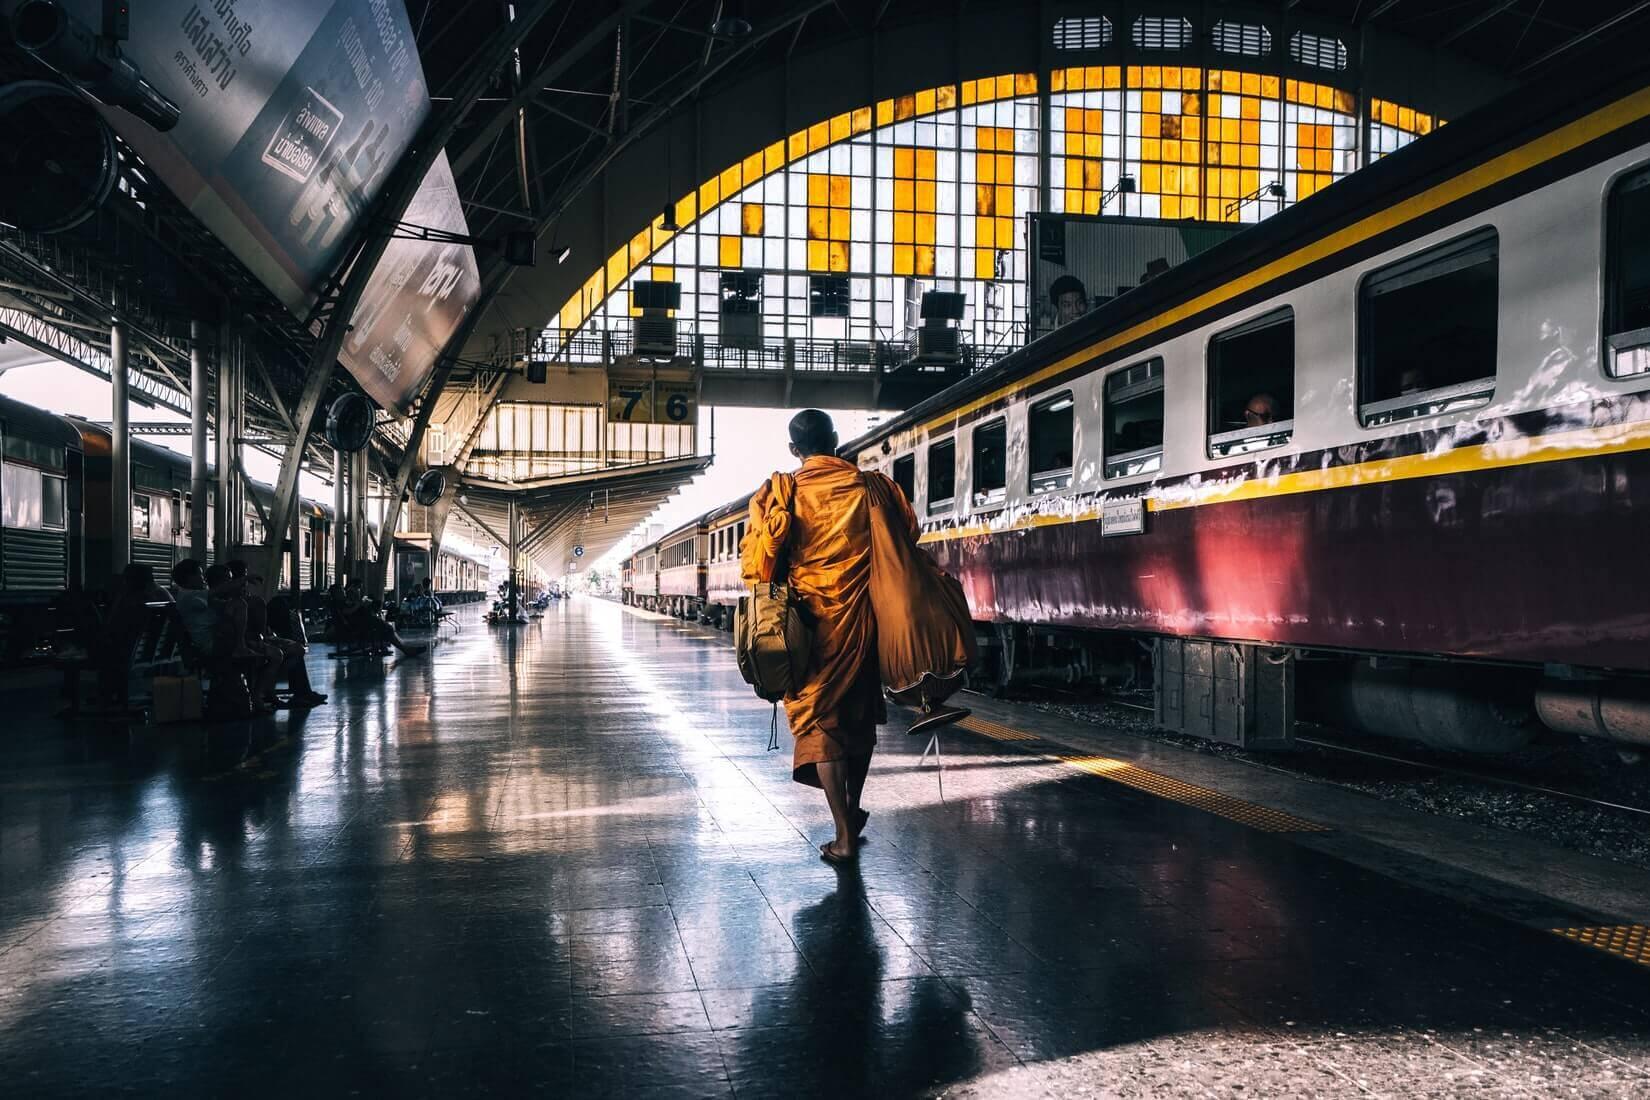 Уезжаю на «ебуль»: 5 мест, где можно познать дзен и поговорить с Буддой